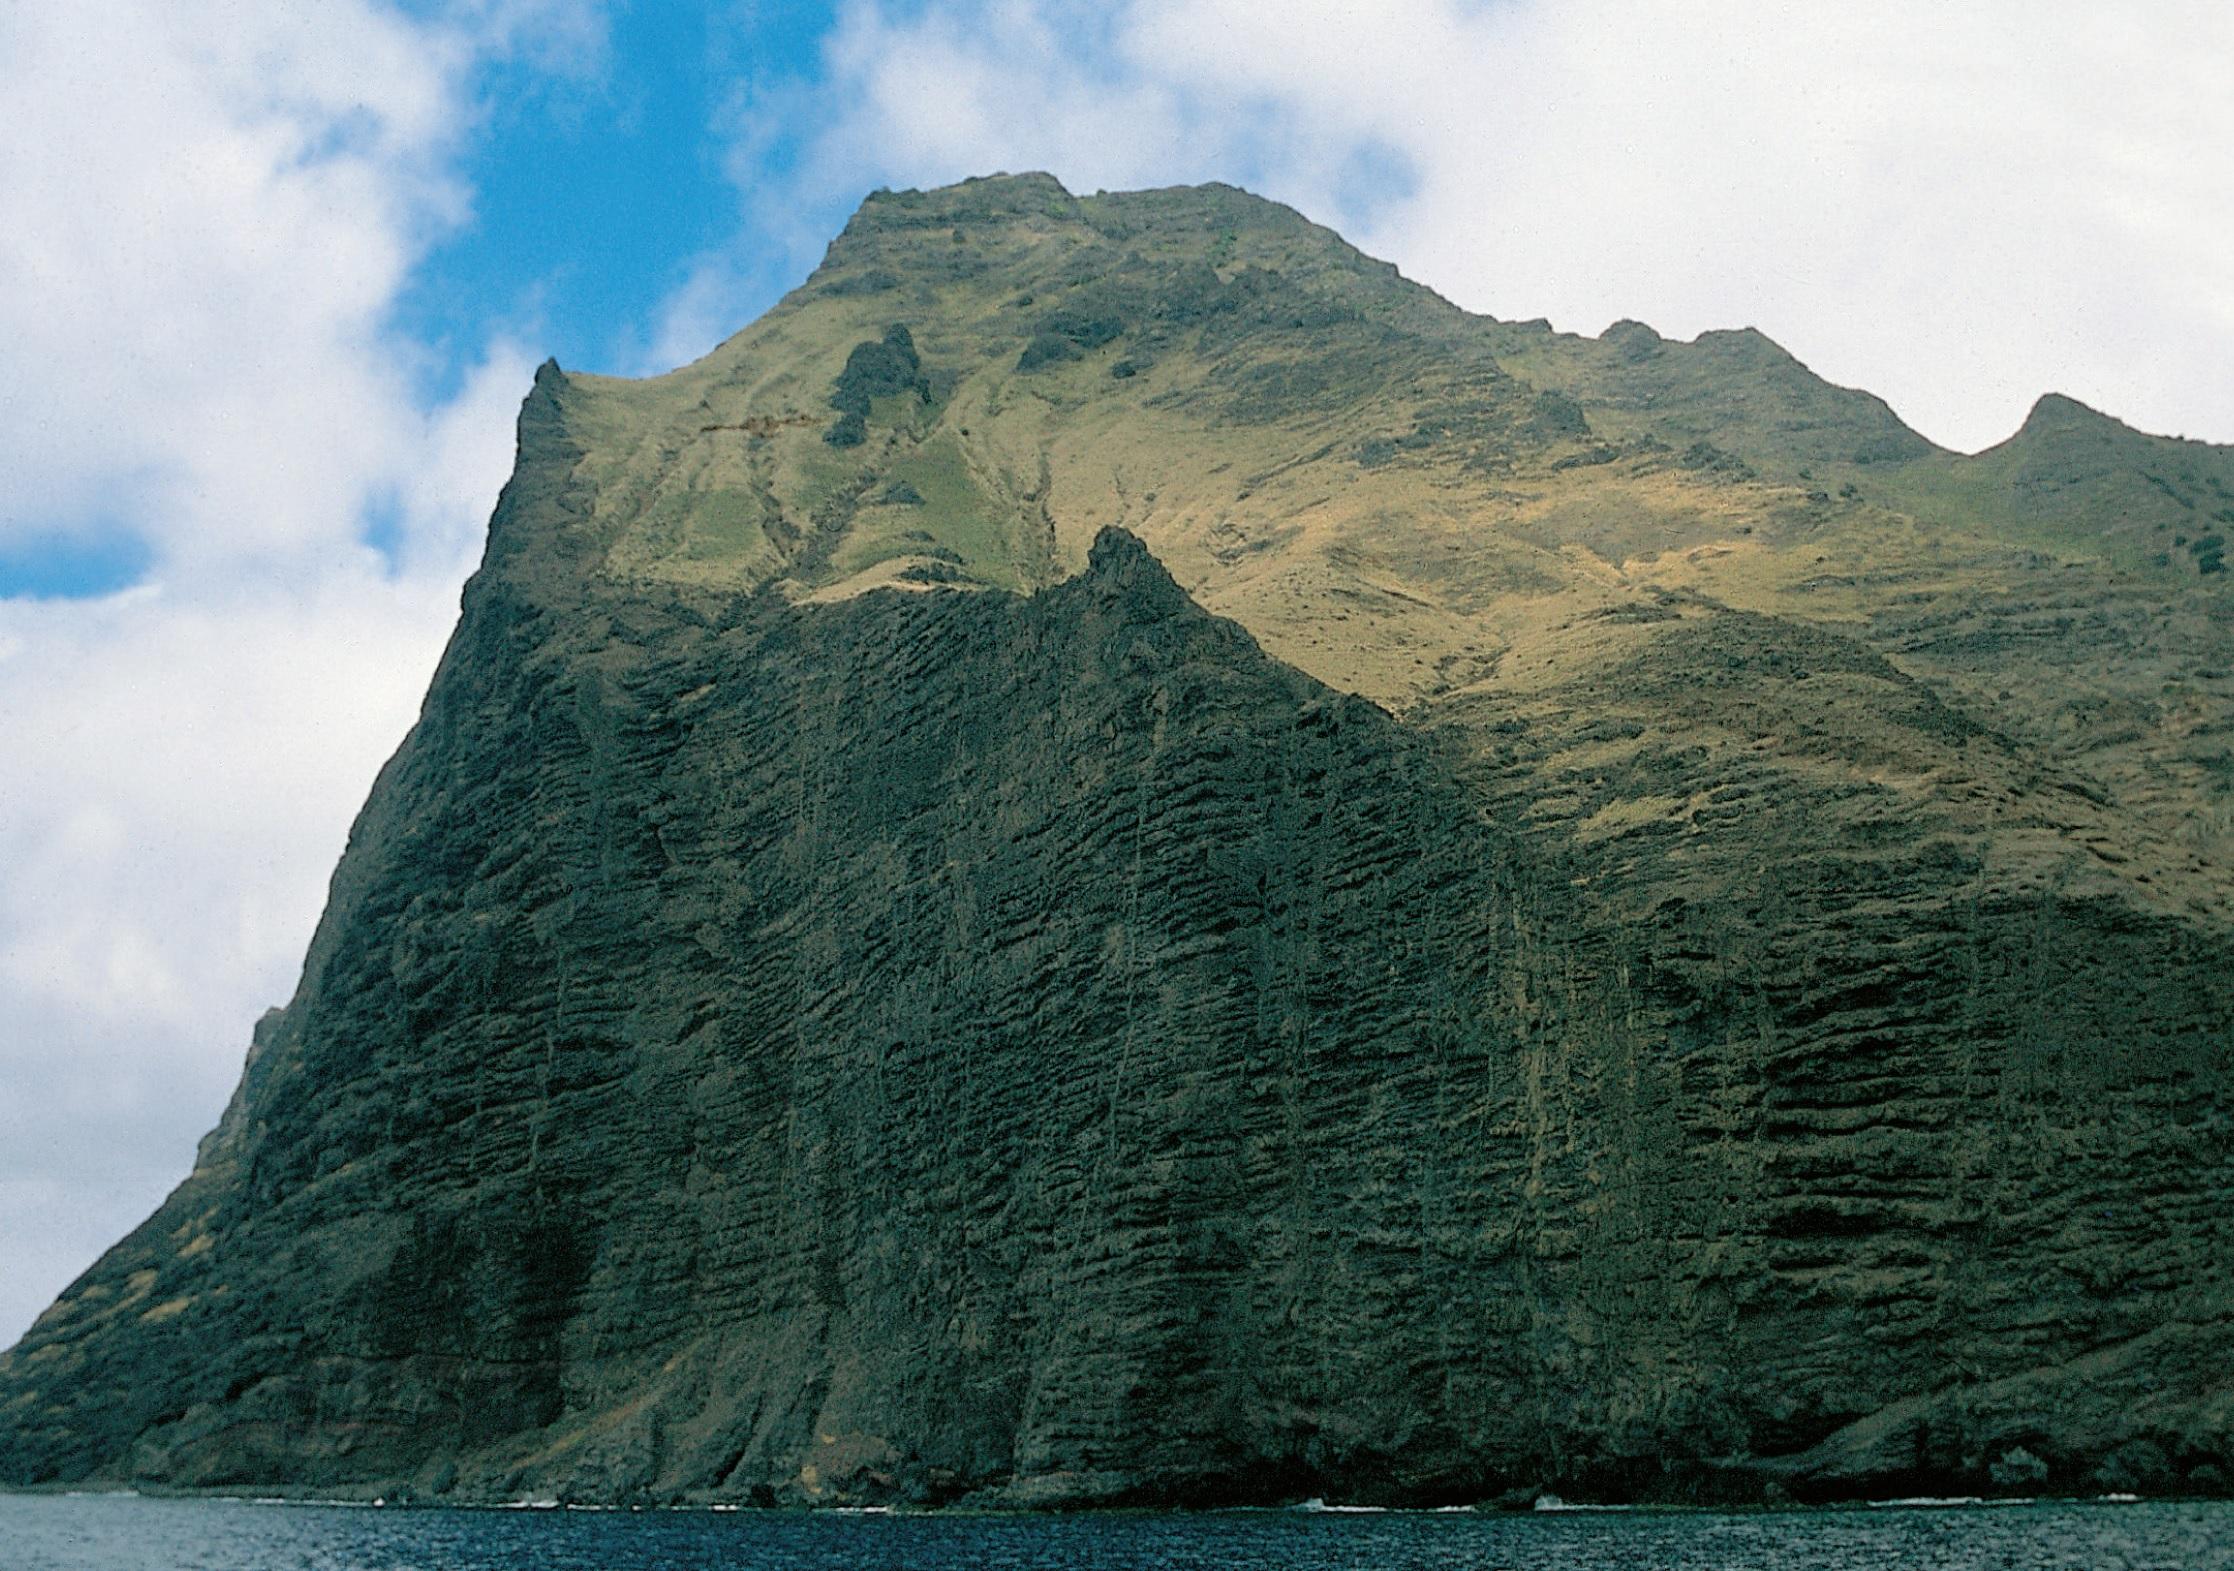 Divoké pobřežní útesy Robinsonova ostrova. Kredit: J. Jiránek